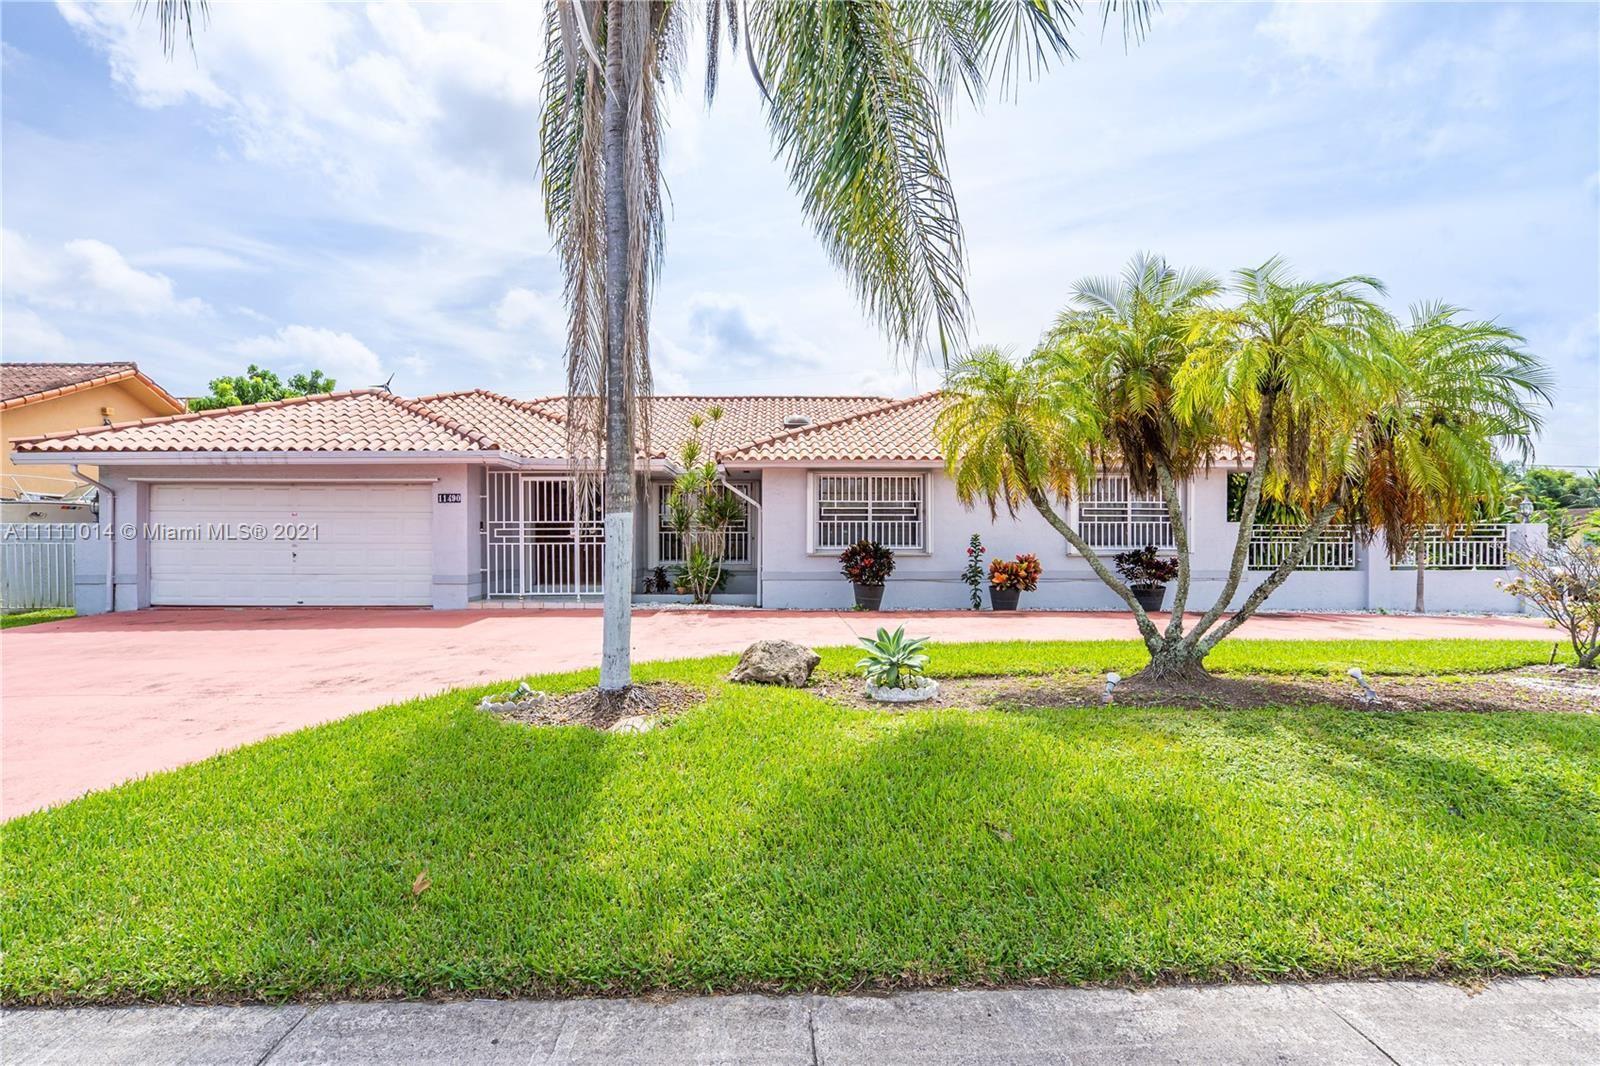 11490 SW 24th St, Miami, FL 33165 - #: A11111014